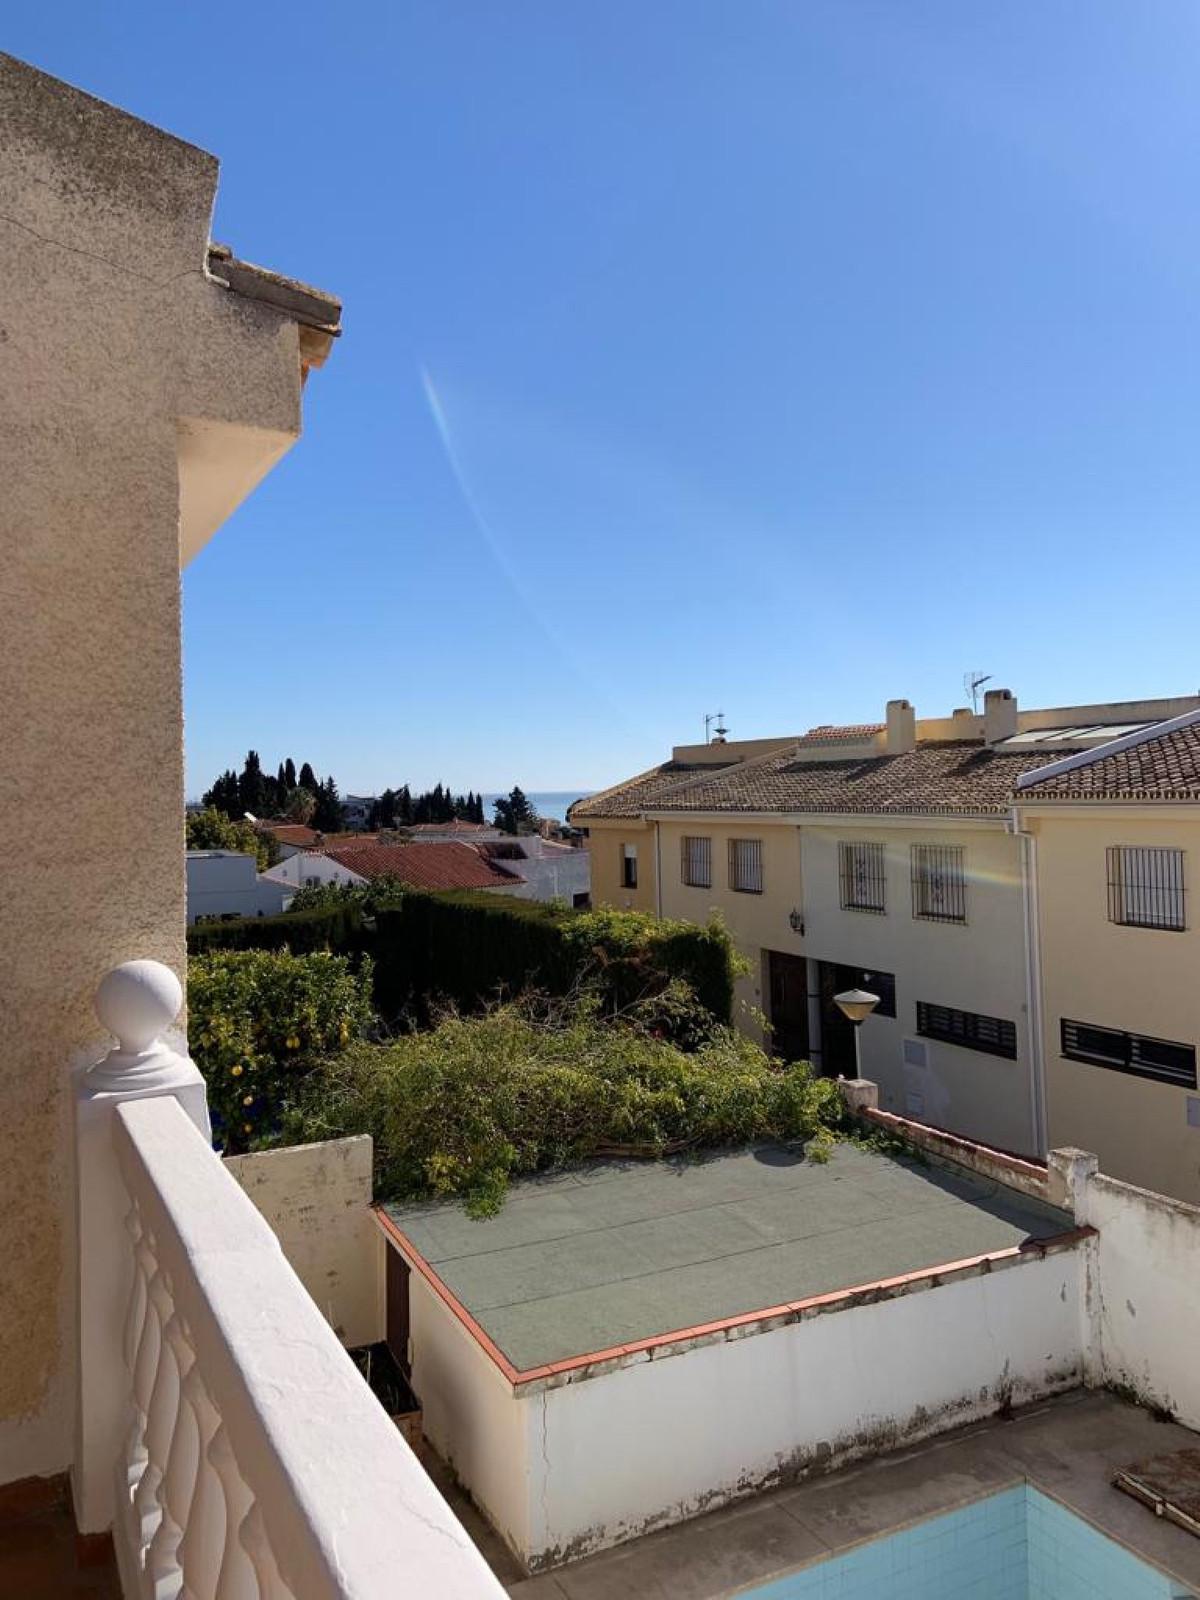 Casa - Benalmadena - R3685937 - mibgroup.es